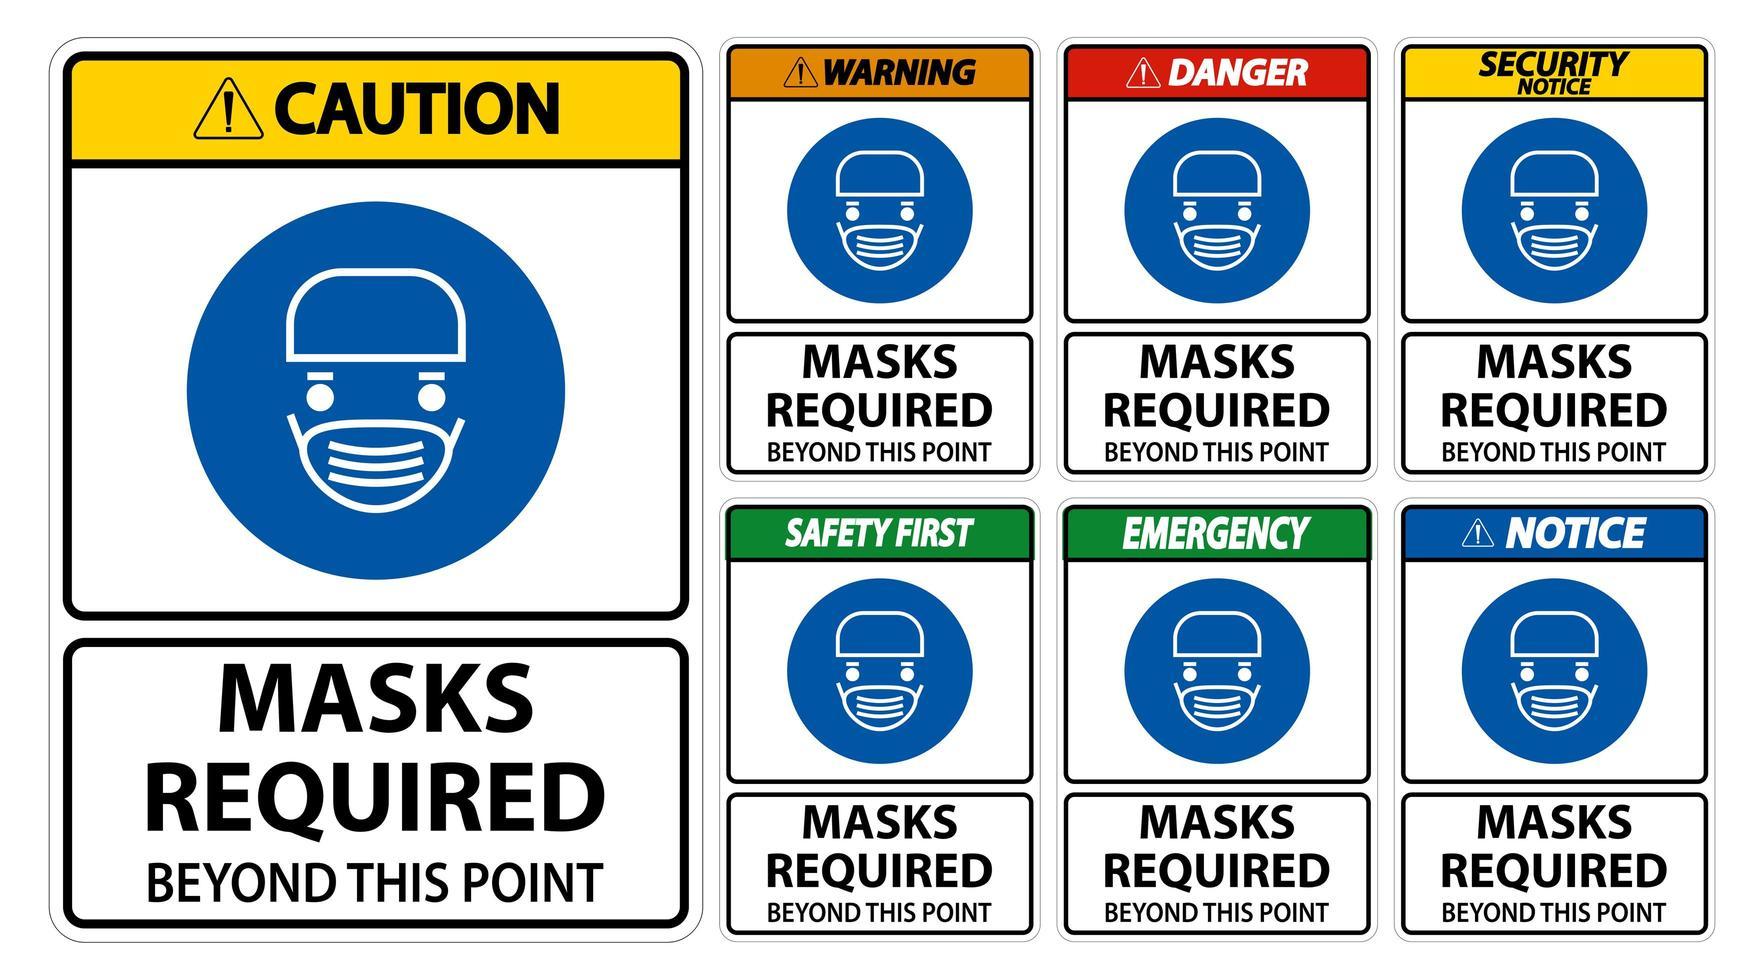 varningstecken för att ansiktsmasker krävs vektor